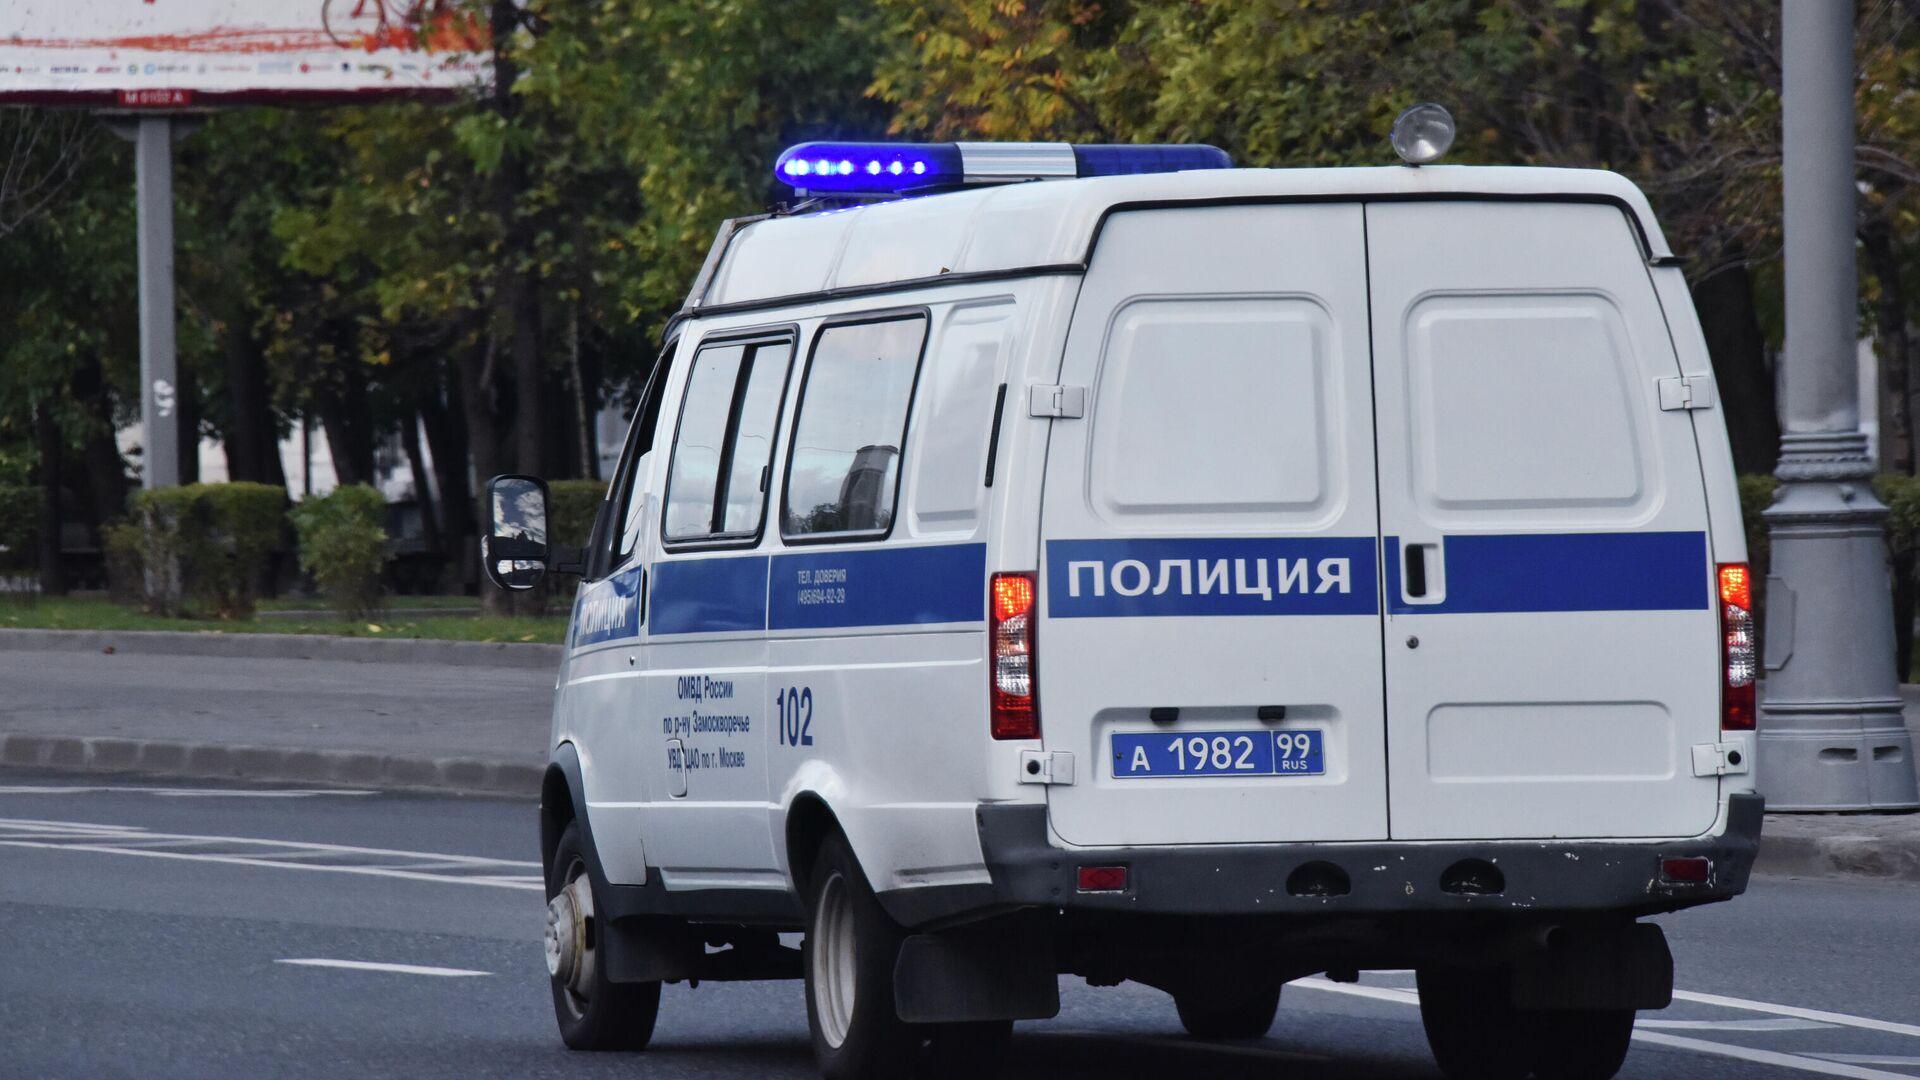 Автомобиль полиции едет по дороге - РИА Новости, 1920, 13.09.2021